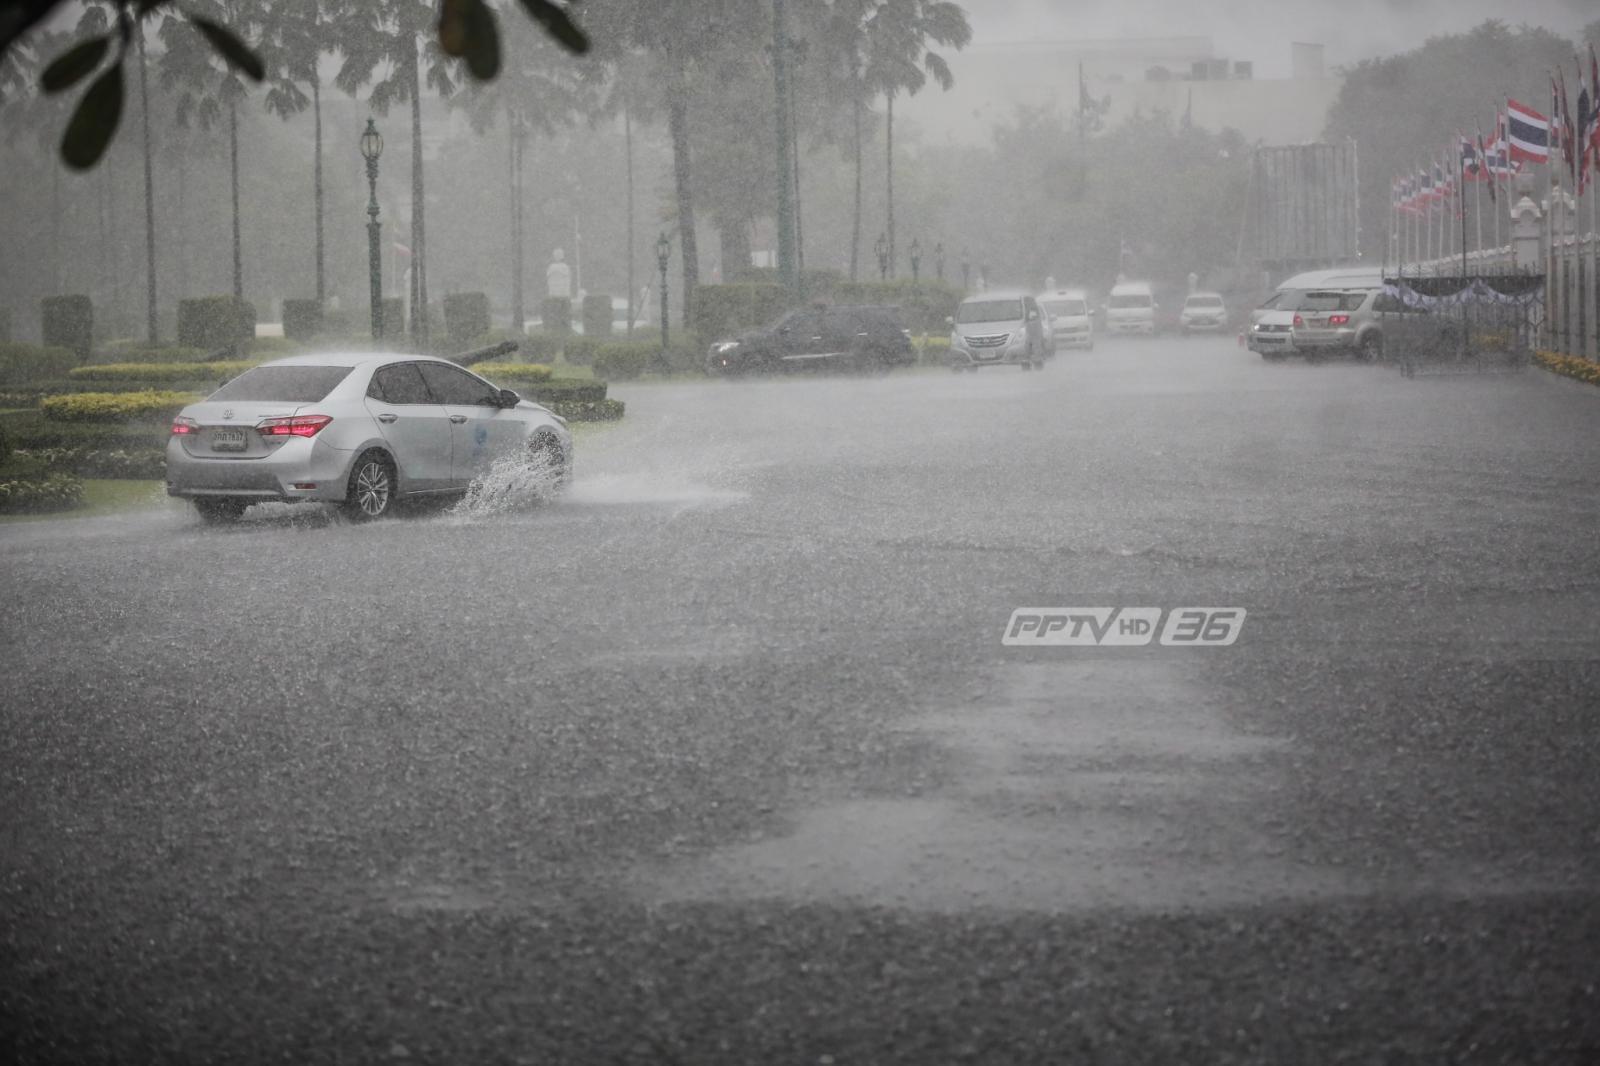 อุตุฯเผยประเทศไทยจะมีฝนตกเพิ่มขึ้น